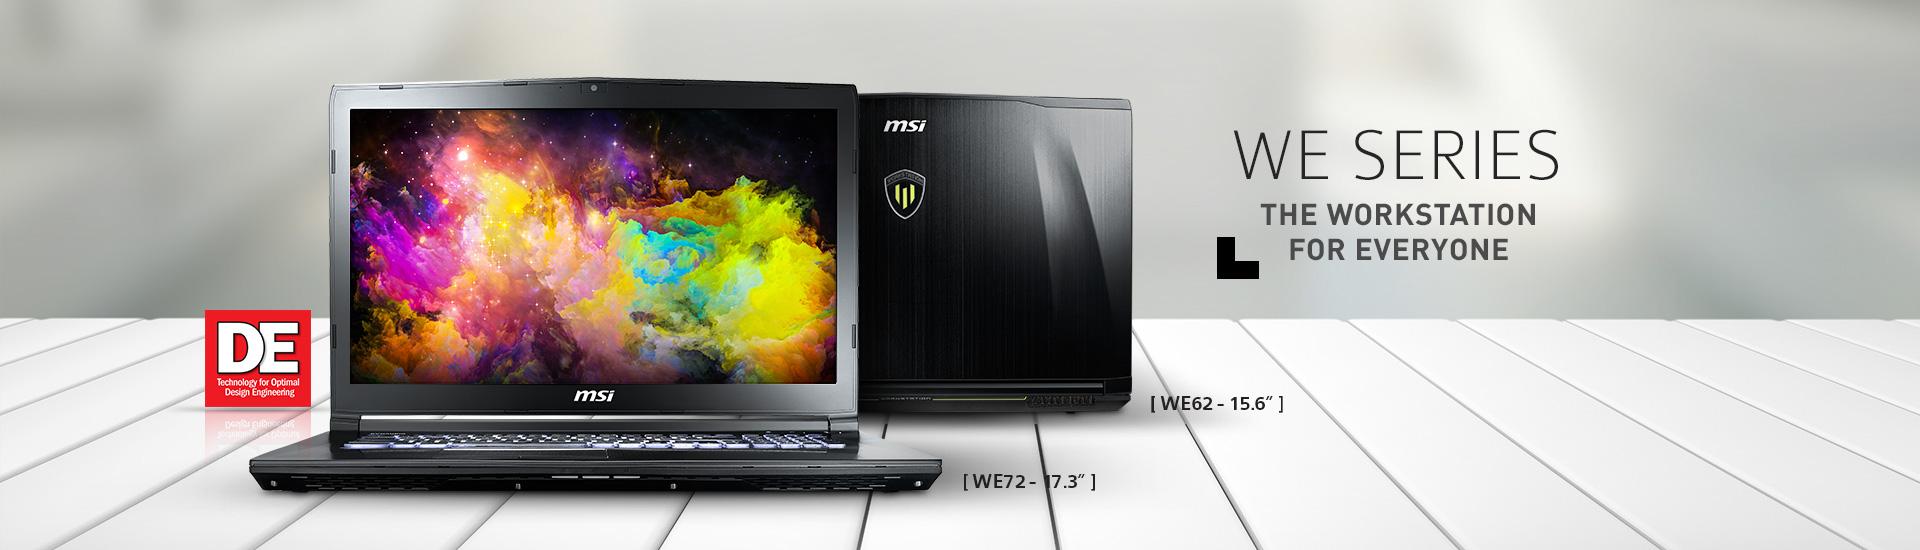 KBL workstation WE Series